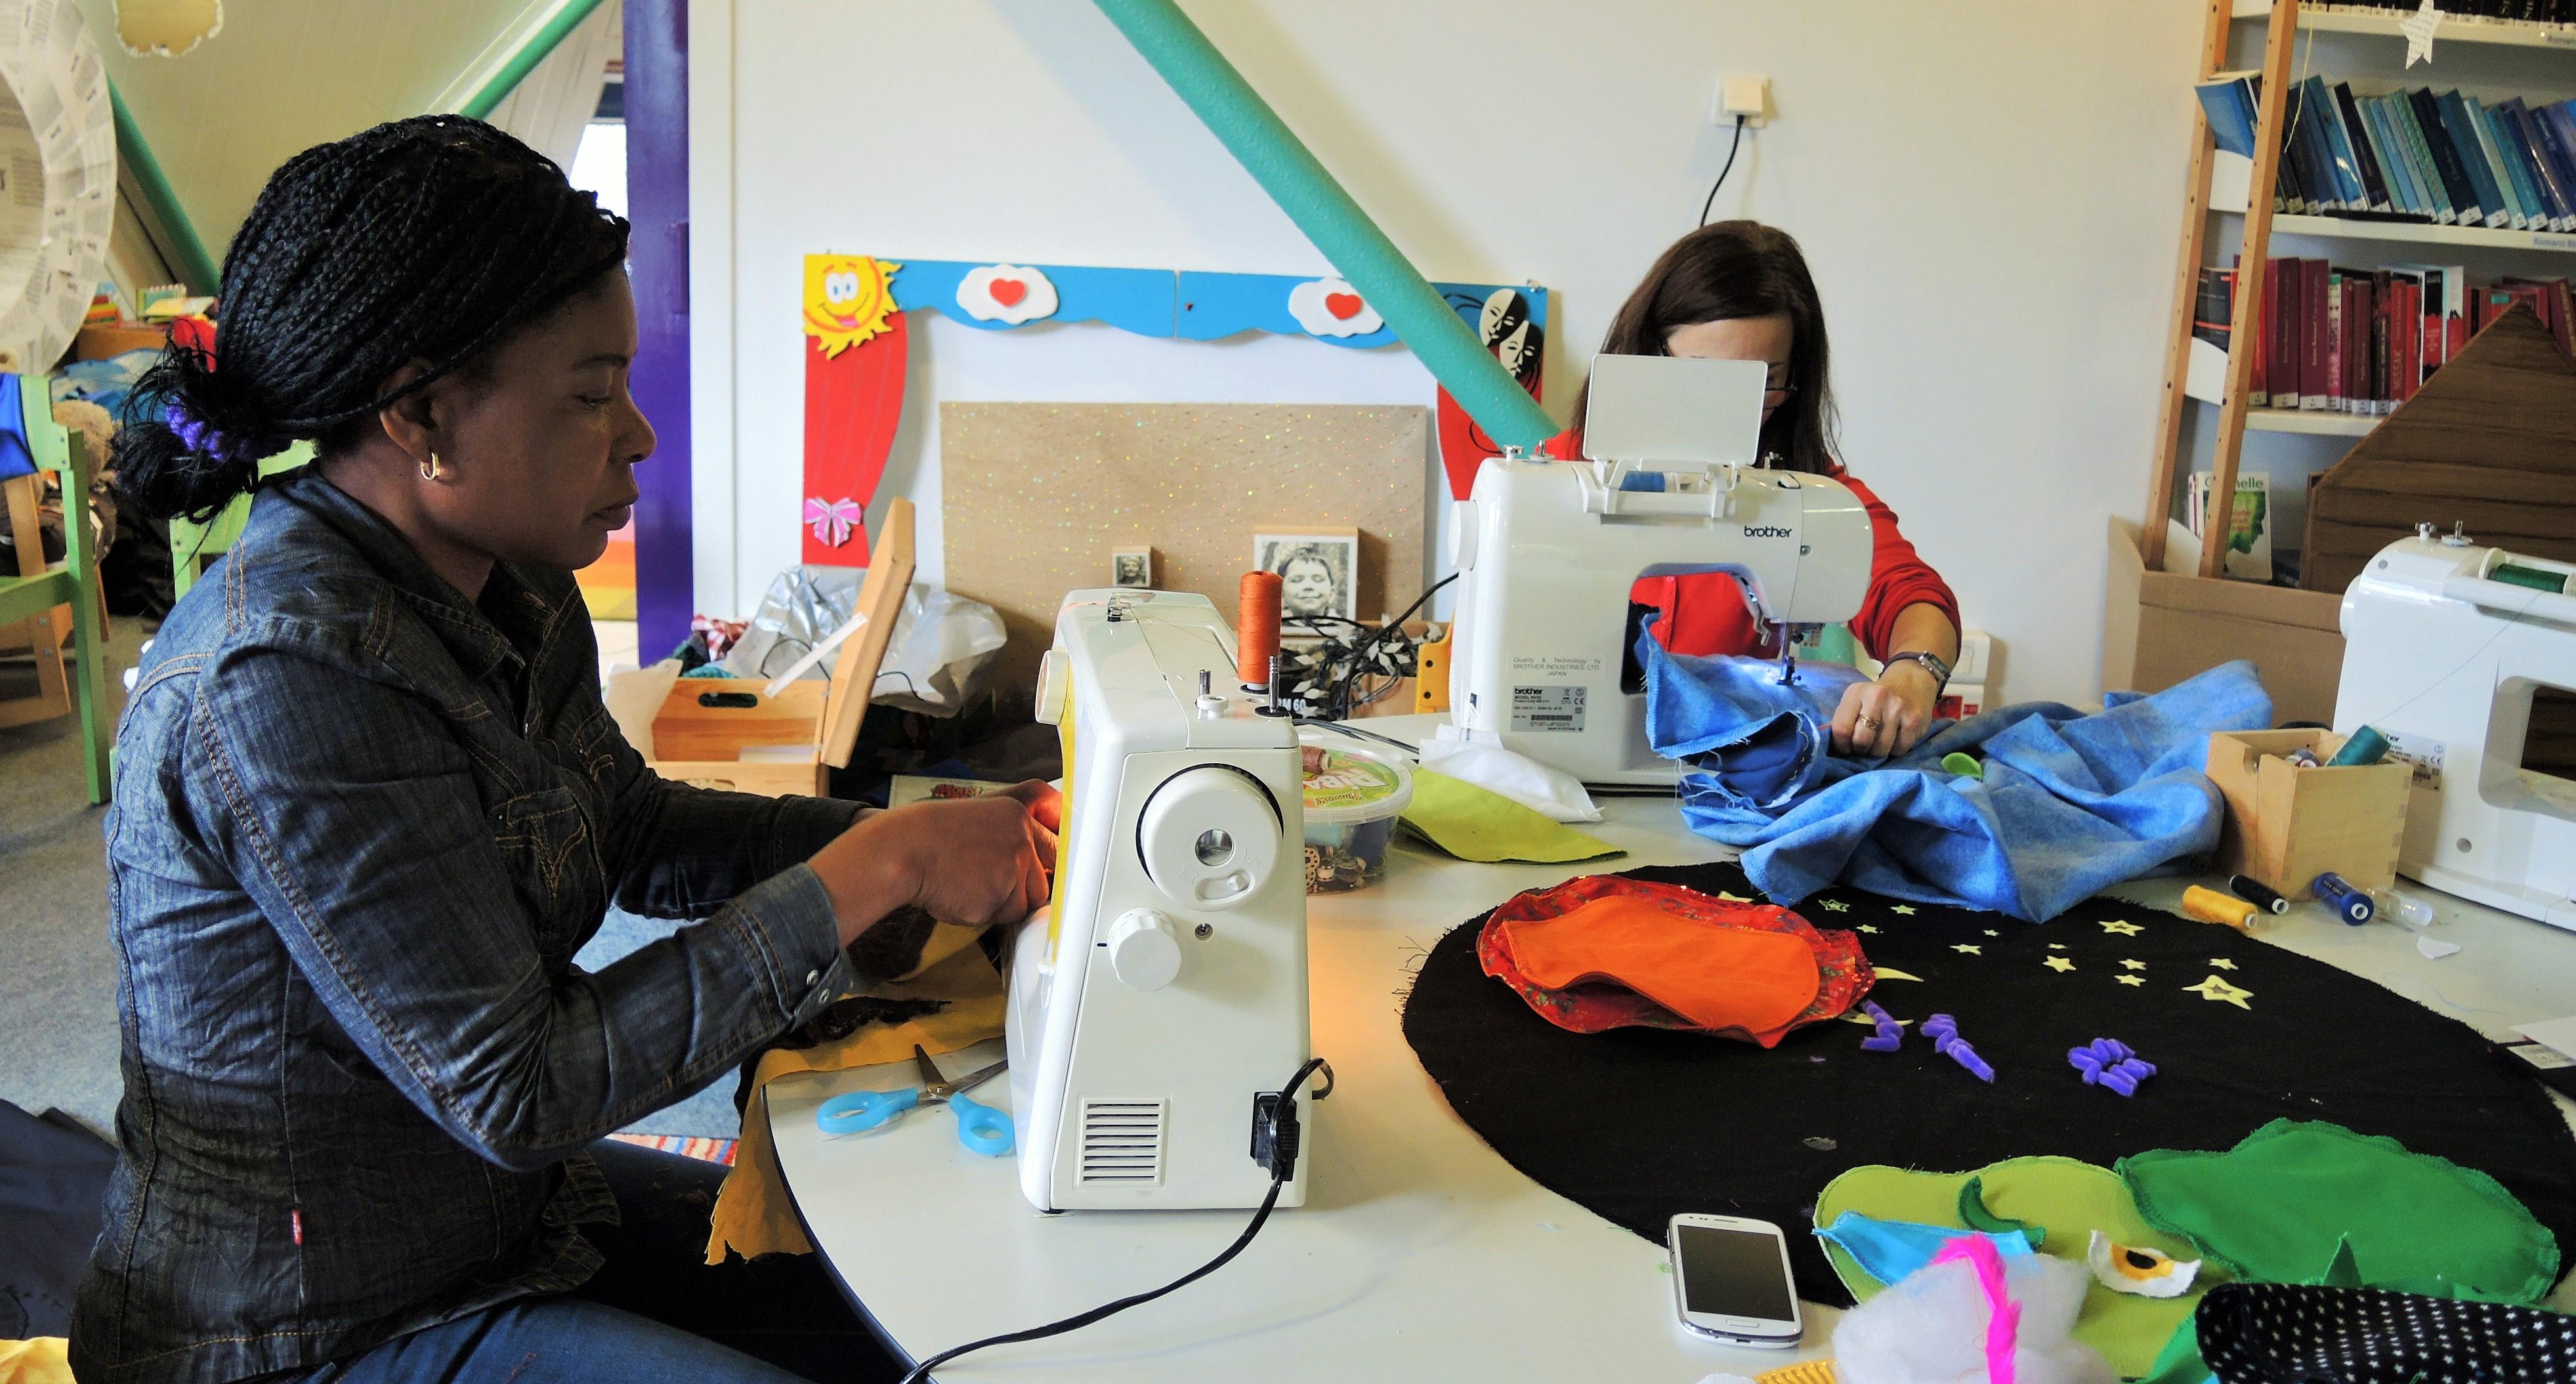 formation couture rennes. Black Bedroom Furniture Sets. Home Design Ideas